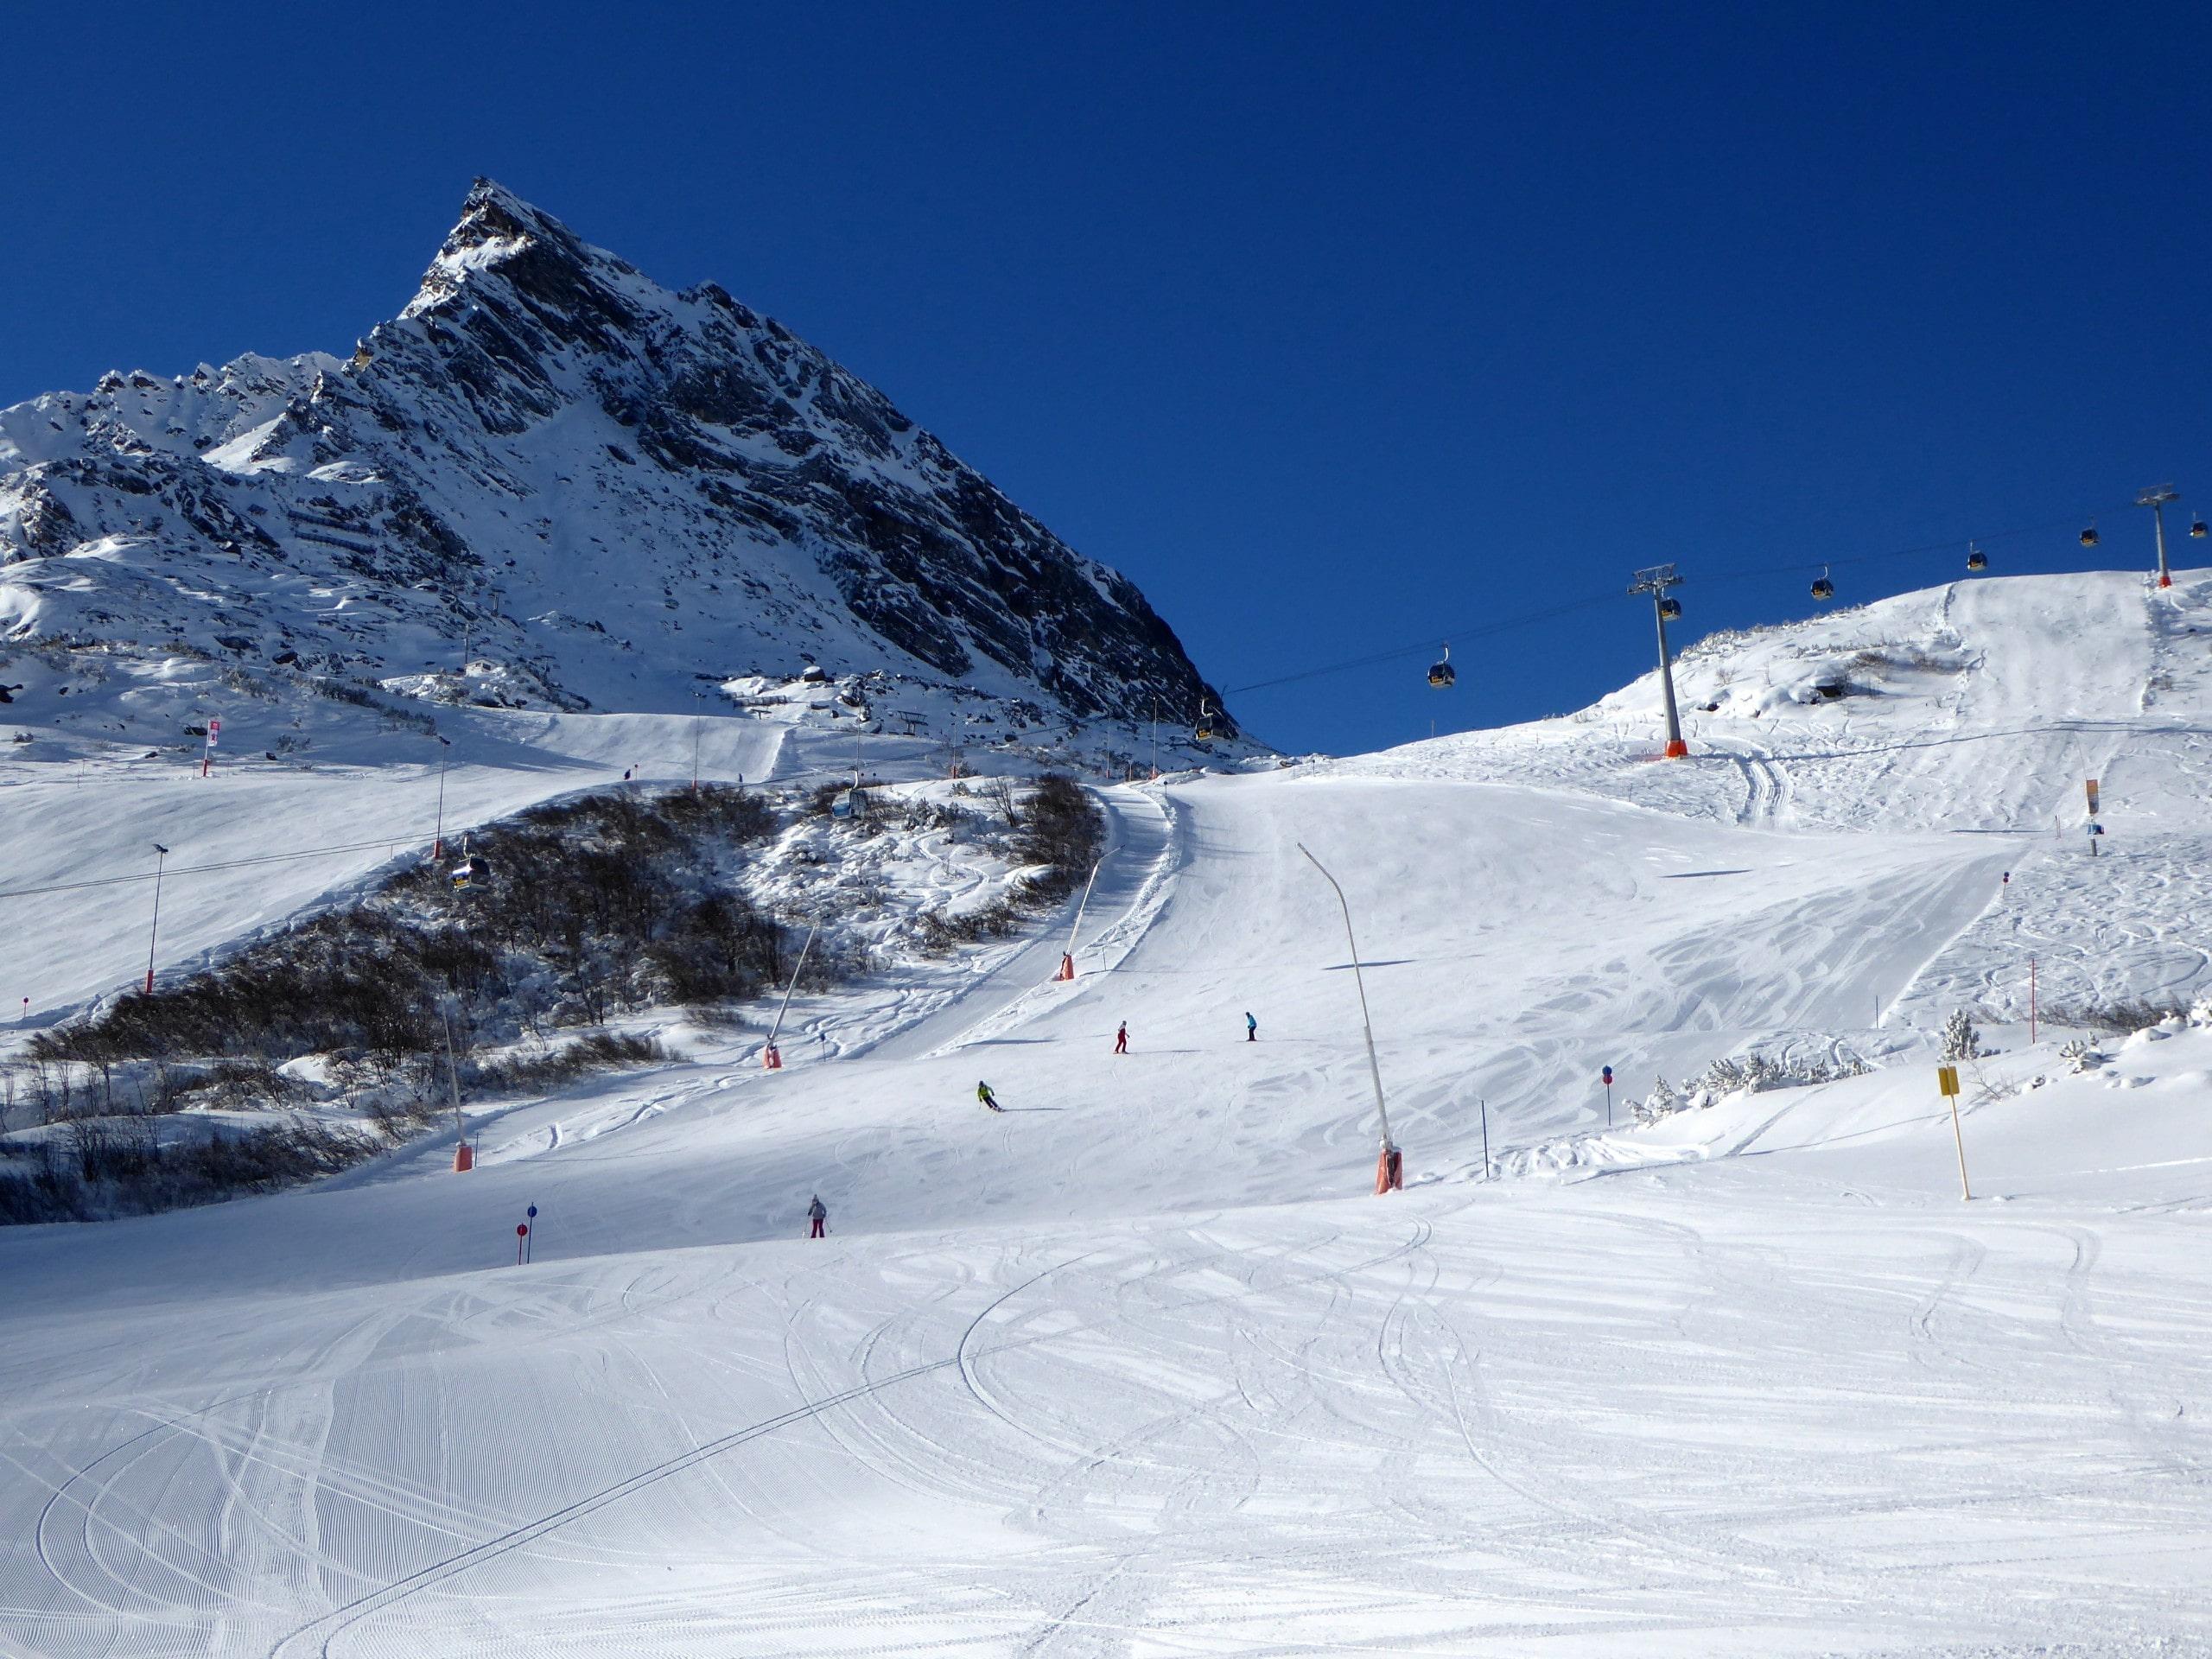 Ausblick auf die sonnige Berglandschaft beim Skifahren lernen mit den Skischulen in Galtür.